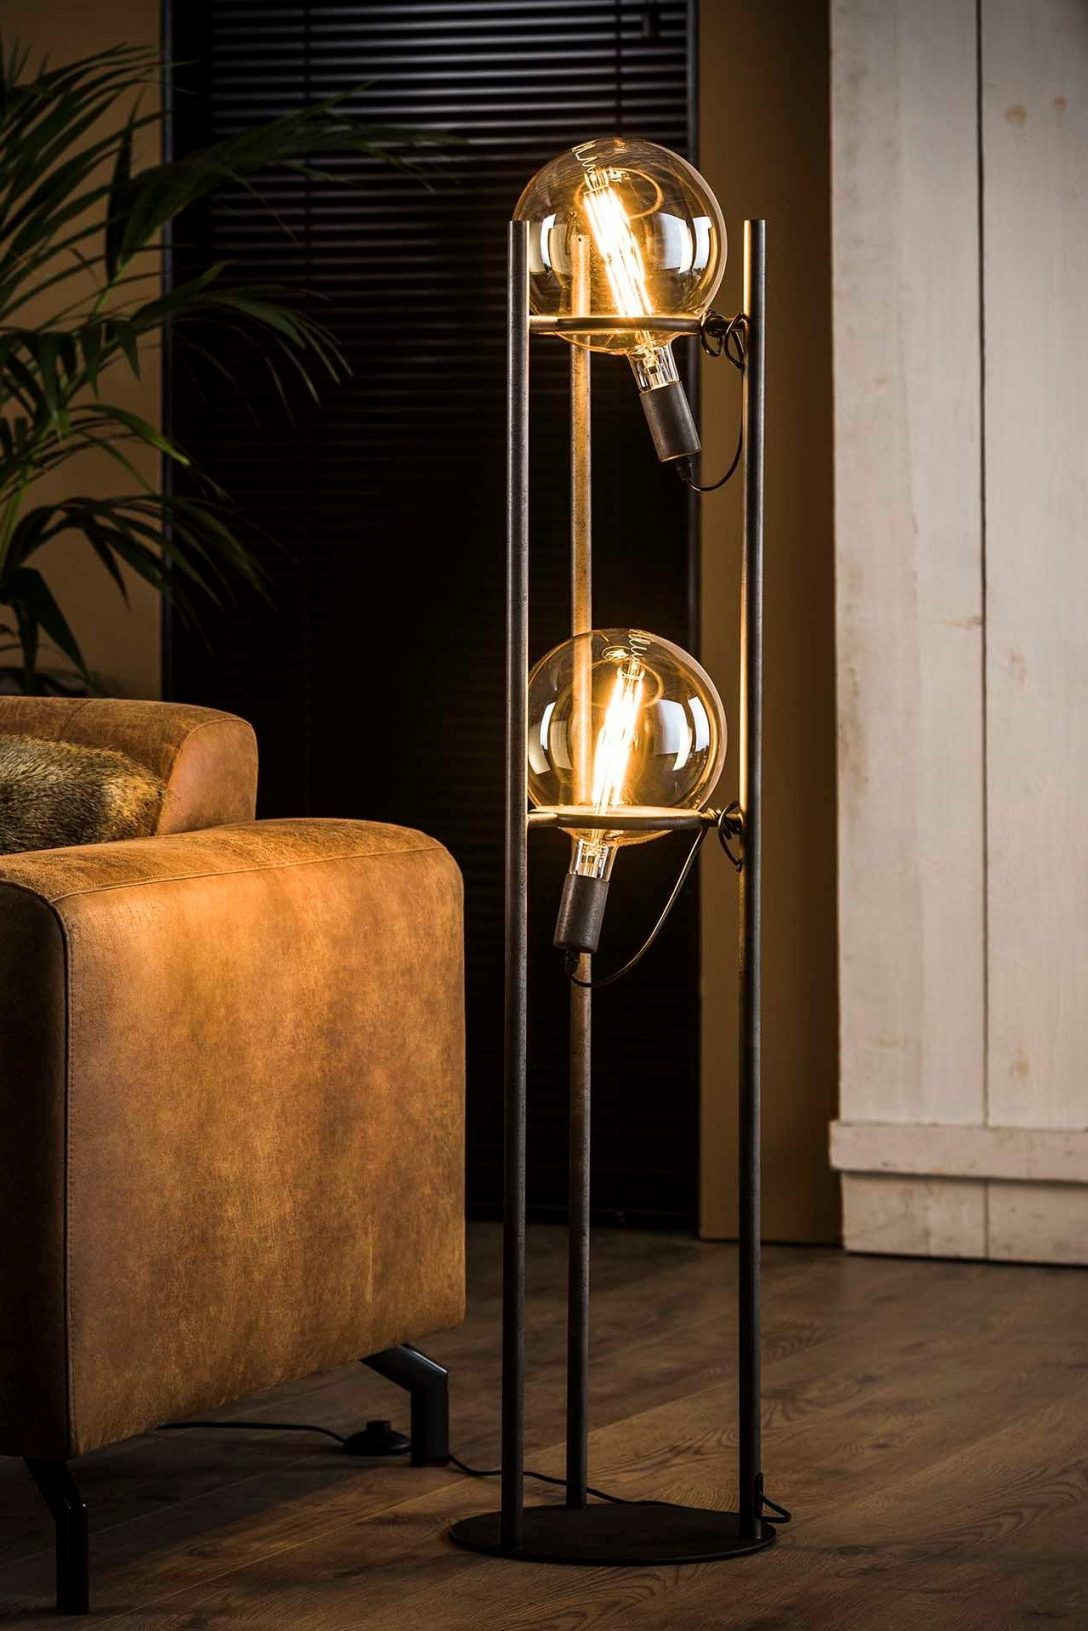 Large Size of Moderne Lampen Stehlampe Saturn In 2020 Wohnzimmer Duschen Bad Led Deckenleuchte Esstische Stehlampen Schlafzimmer Bilder Fürs Esstisch Modernes Sofa Bett Wohnzimmer Moderne Lampen